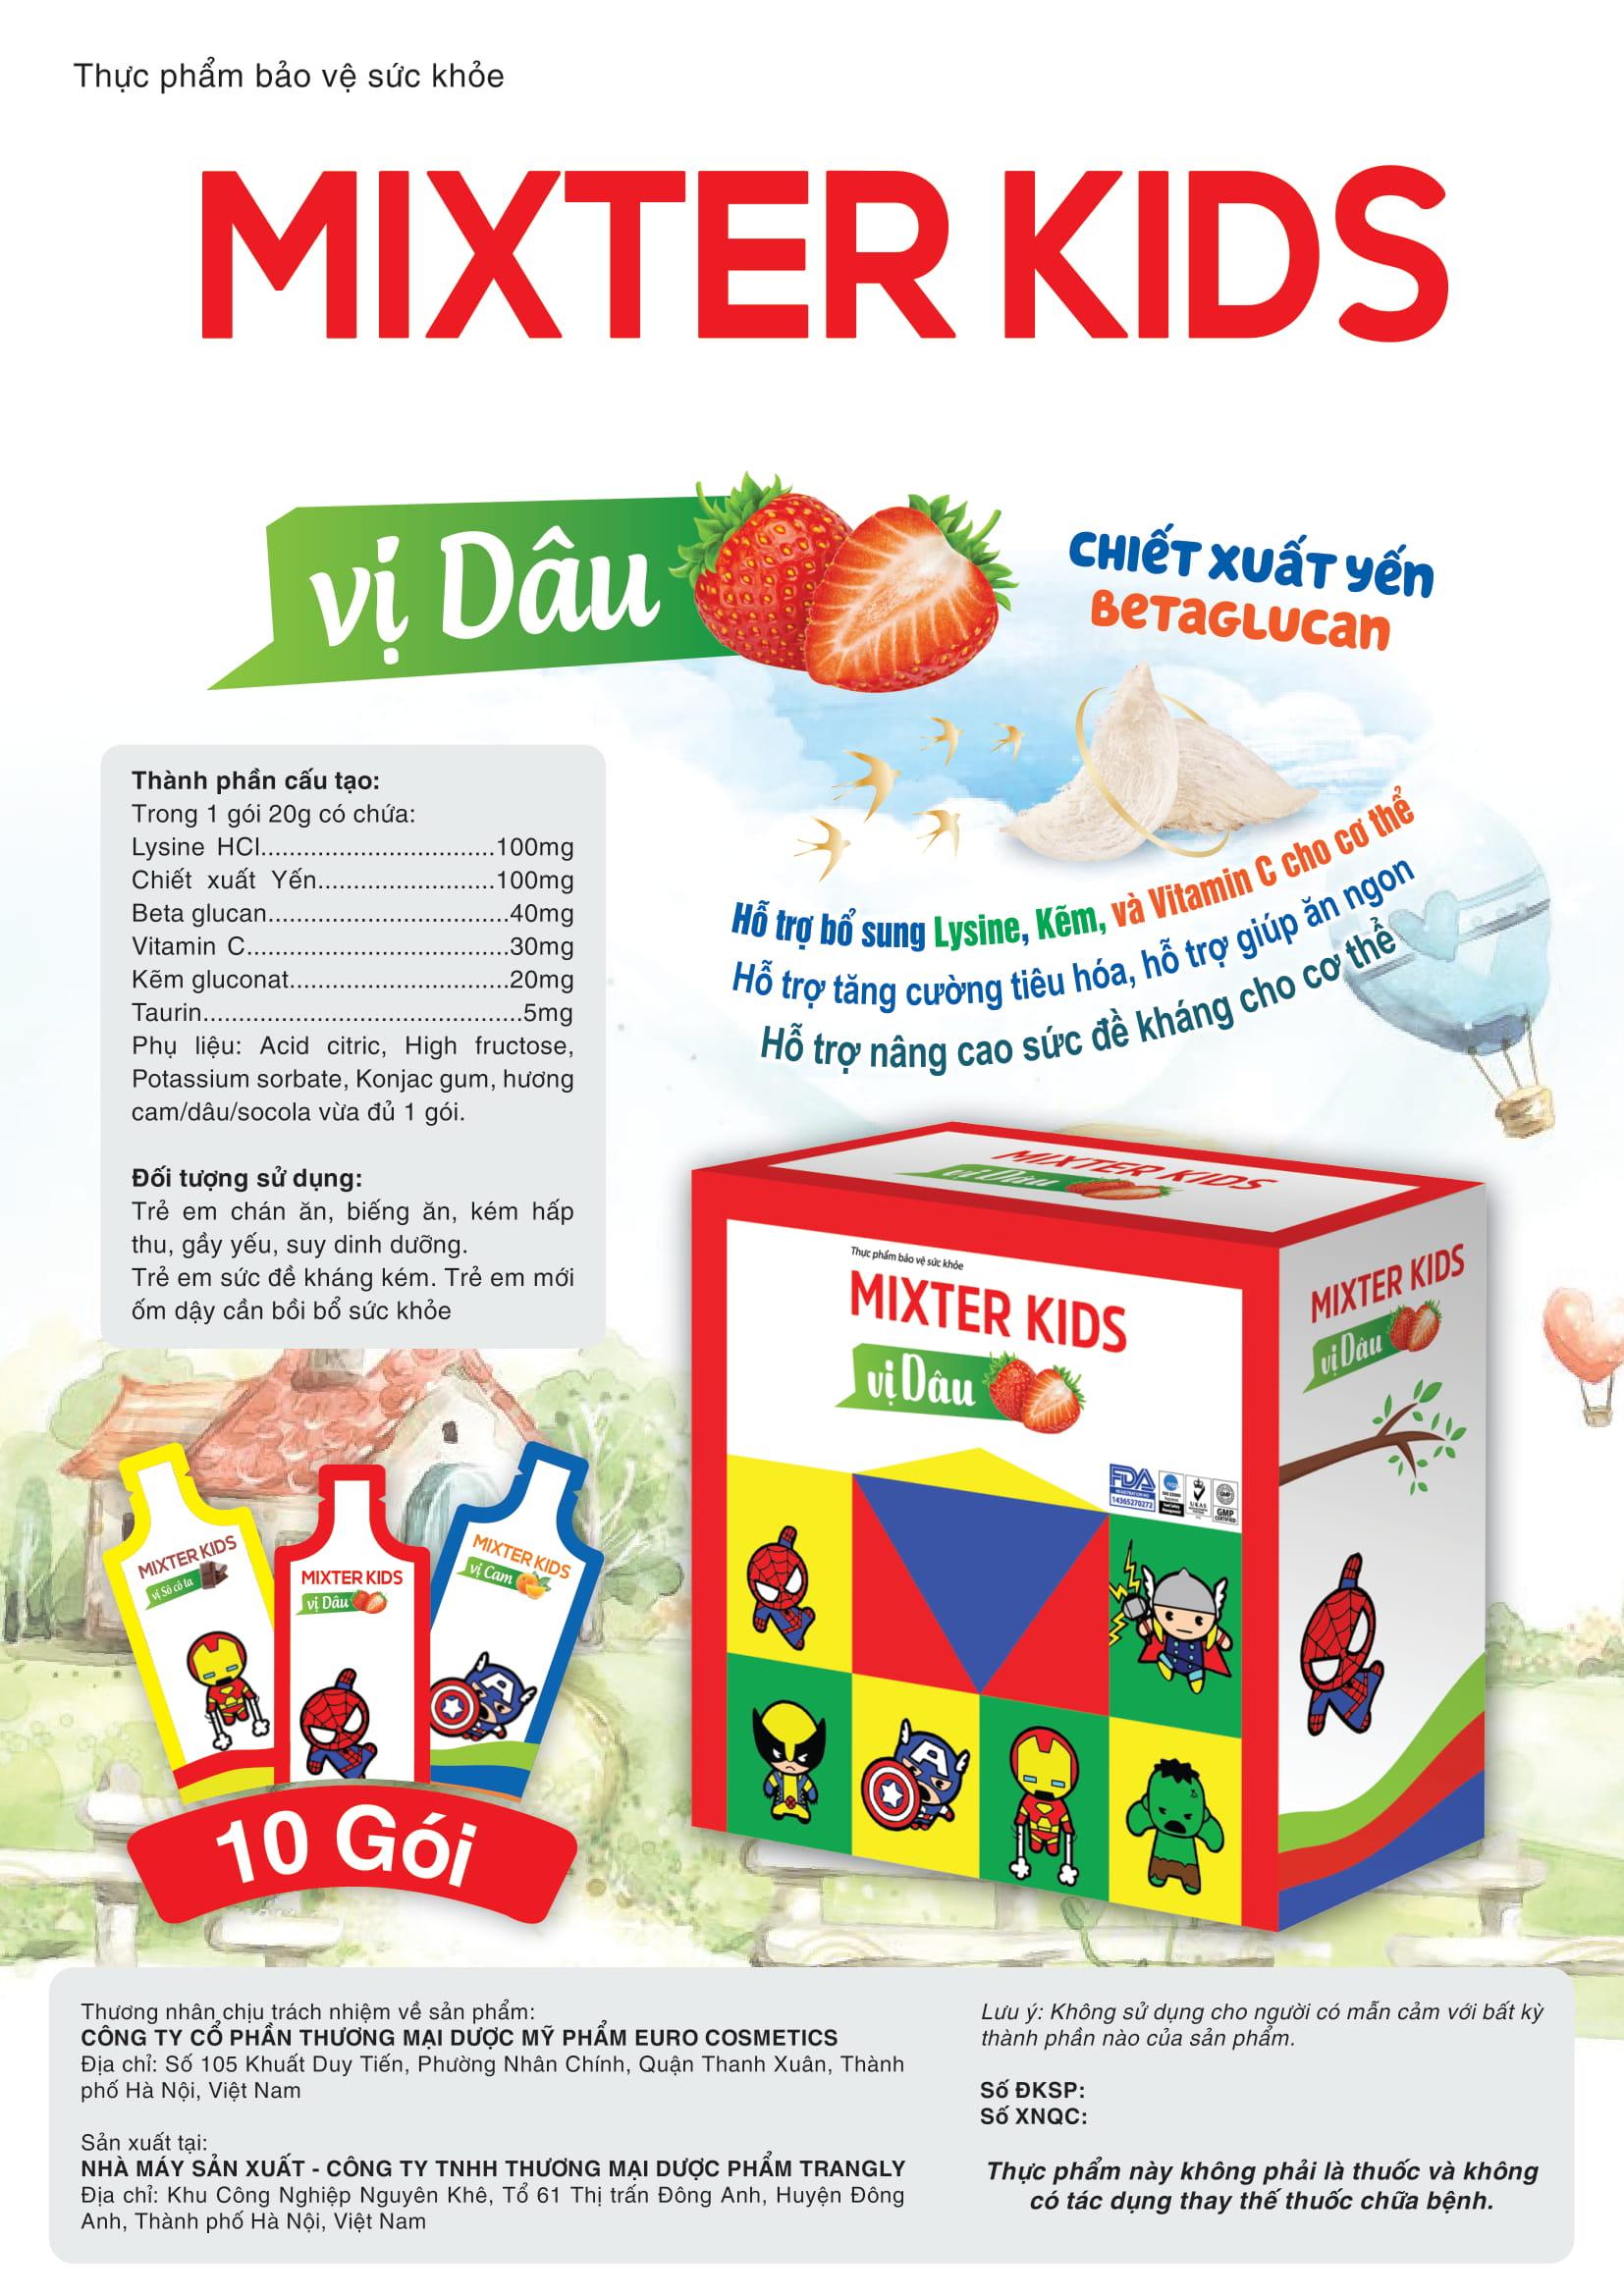 Thực phẩm bảo vệ sức khỏe MIXTER KIDS